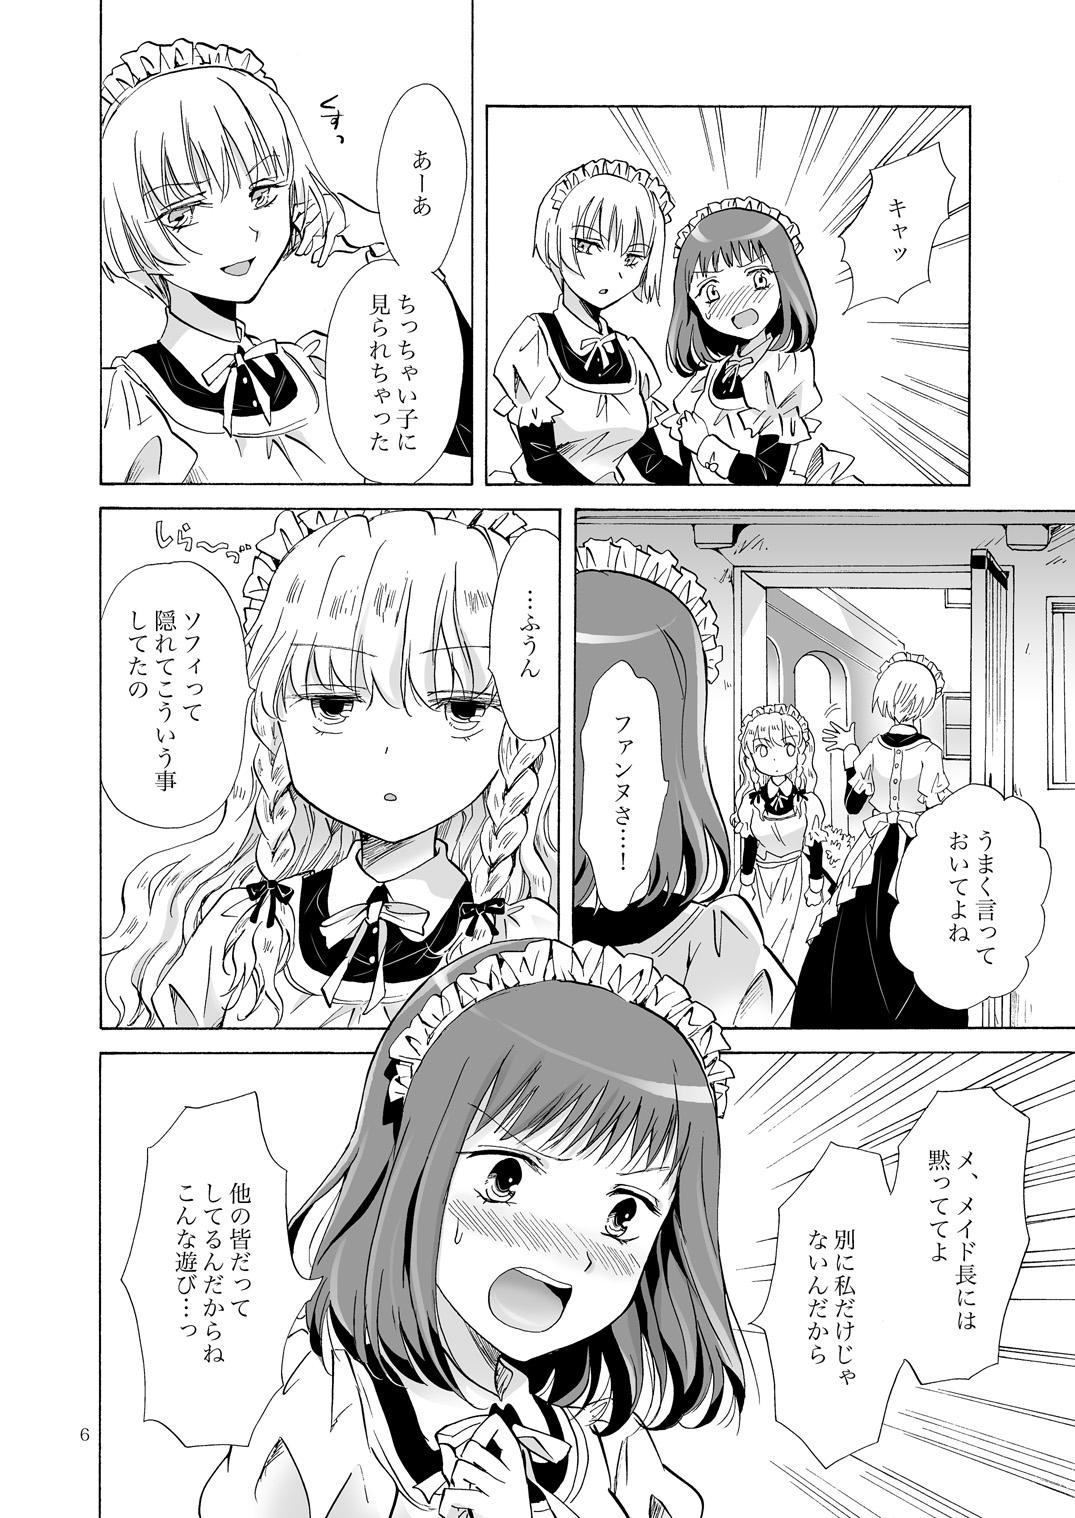 【エロ漫画・エロ同人誌】巨乳メイドがちっぱいメイドとレズエッチwww (5)